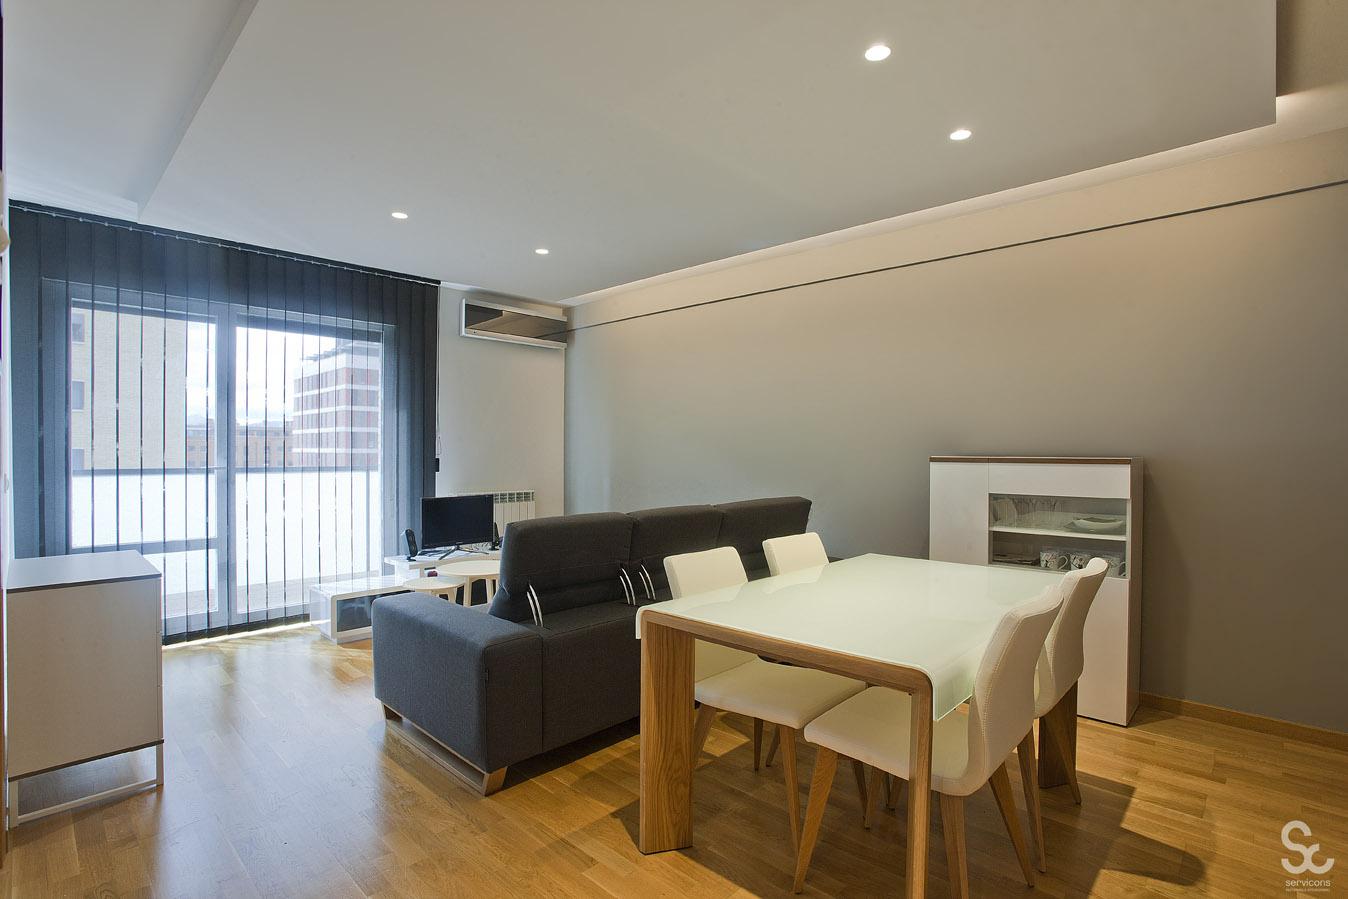 Focos para salon affordable iluminacion indirecta led - Focos para techos ...